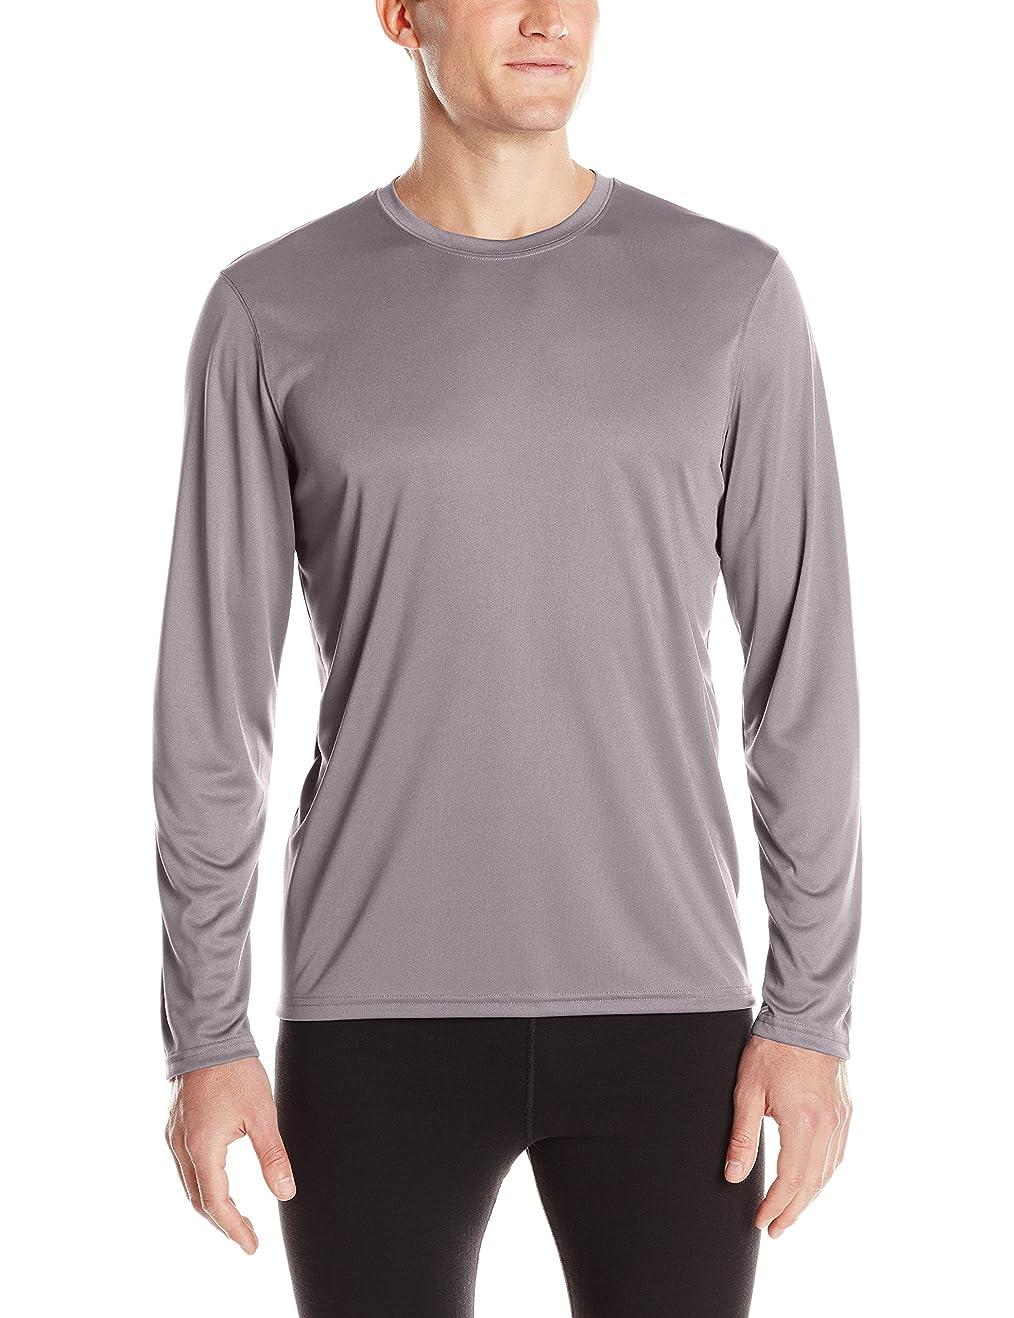 サイズ動ジーンズチャンピオン メンズ 長袖 ダブル ドライ パフォーマンス Tシャツ US サイズ: XXX-Large カラー: グレイ